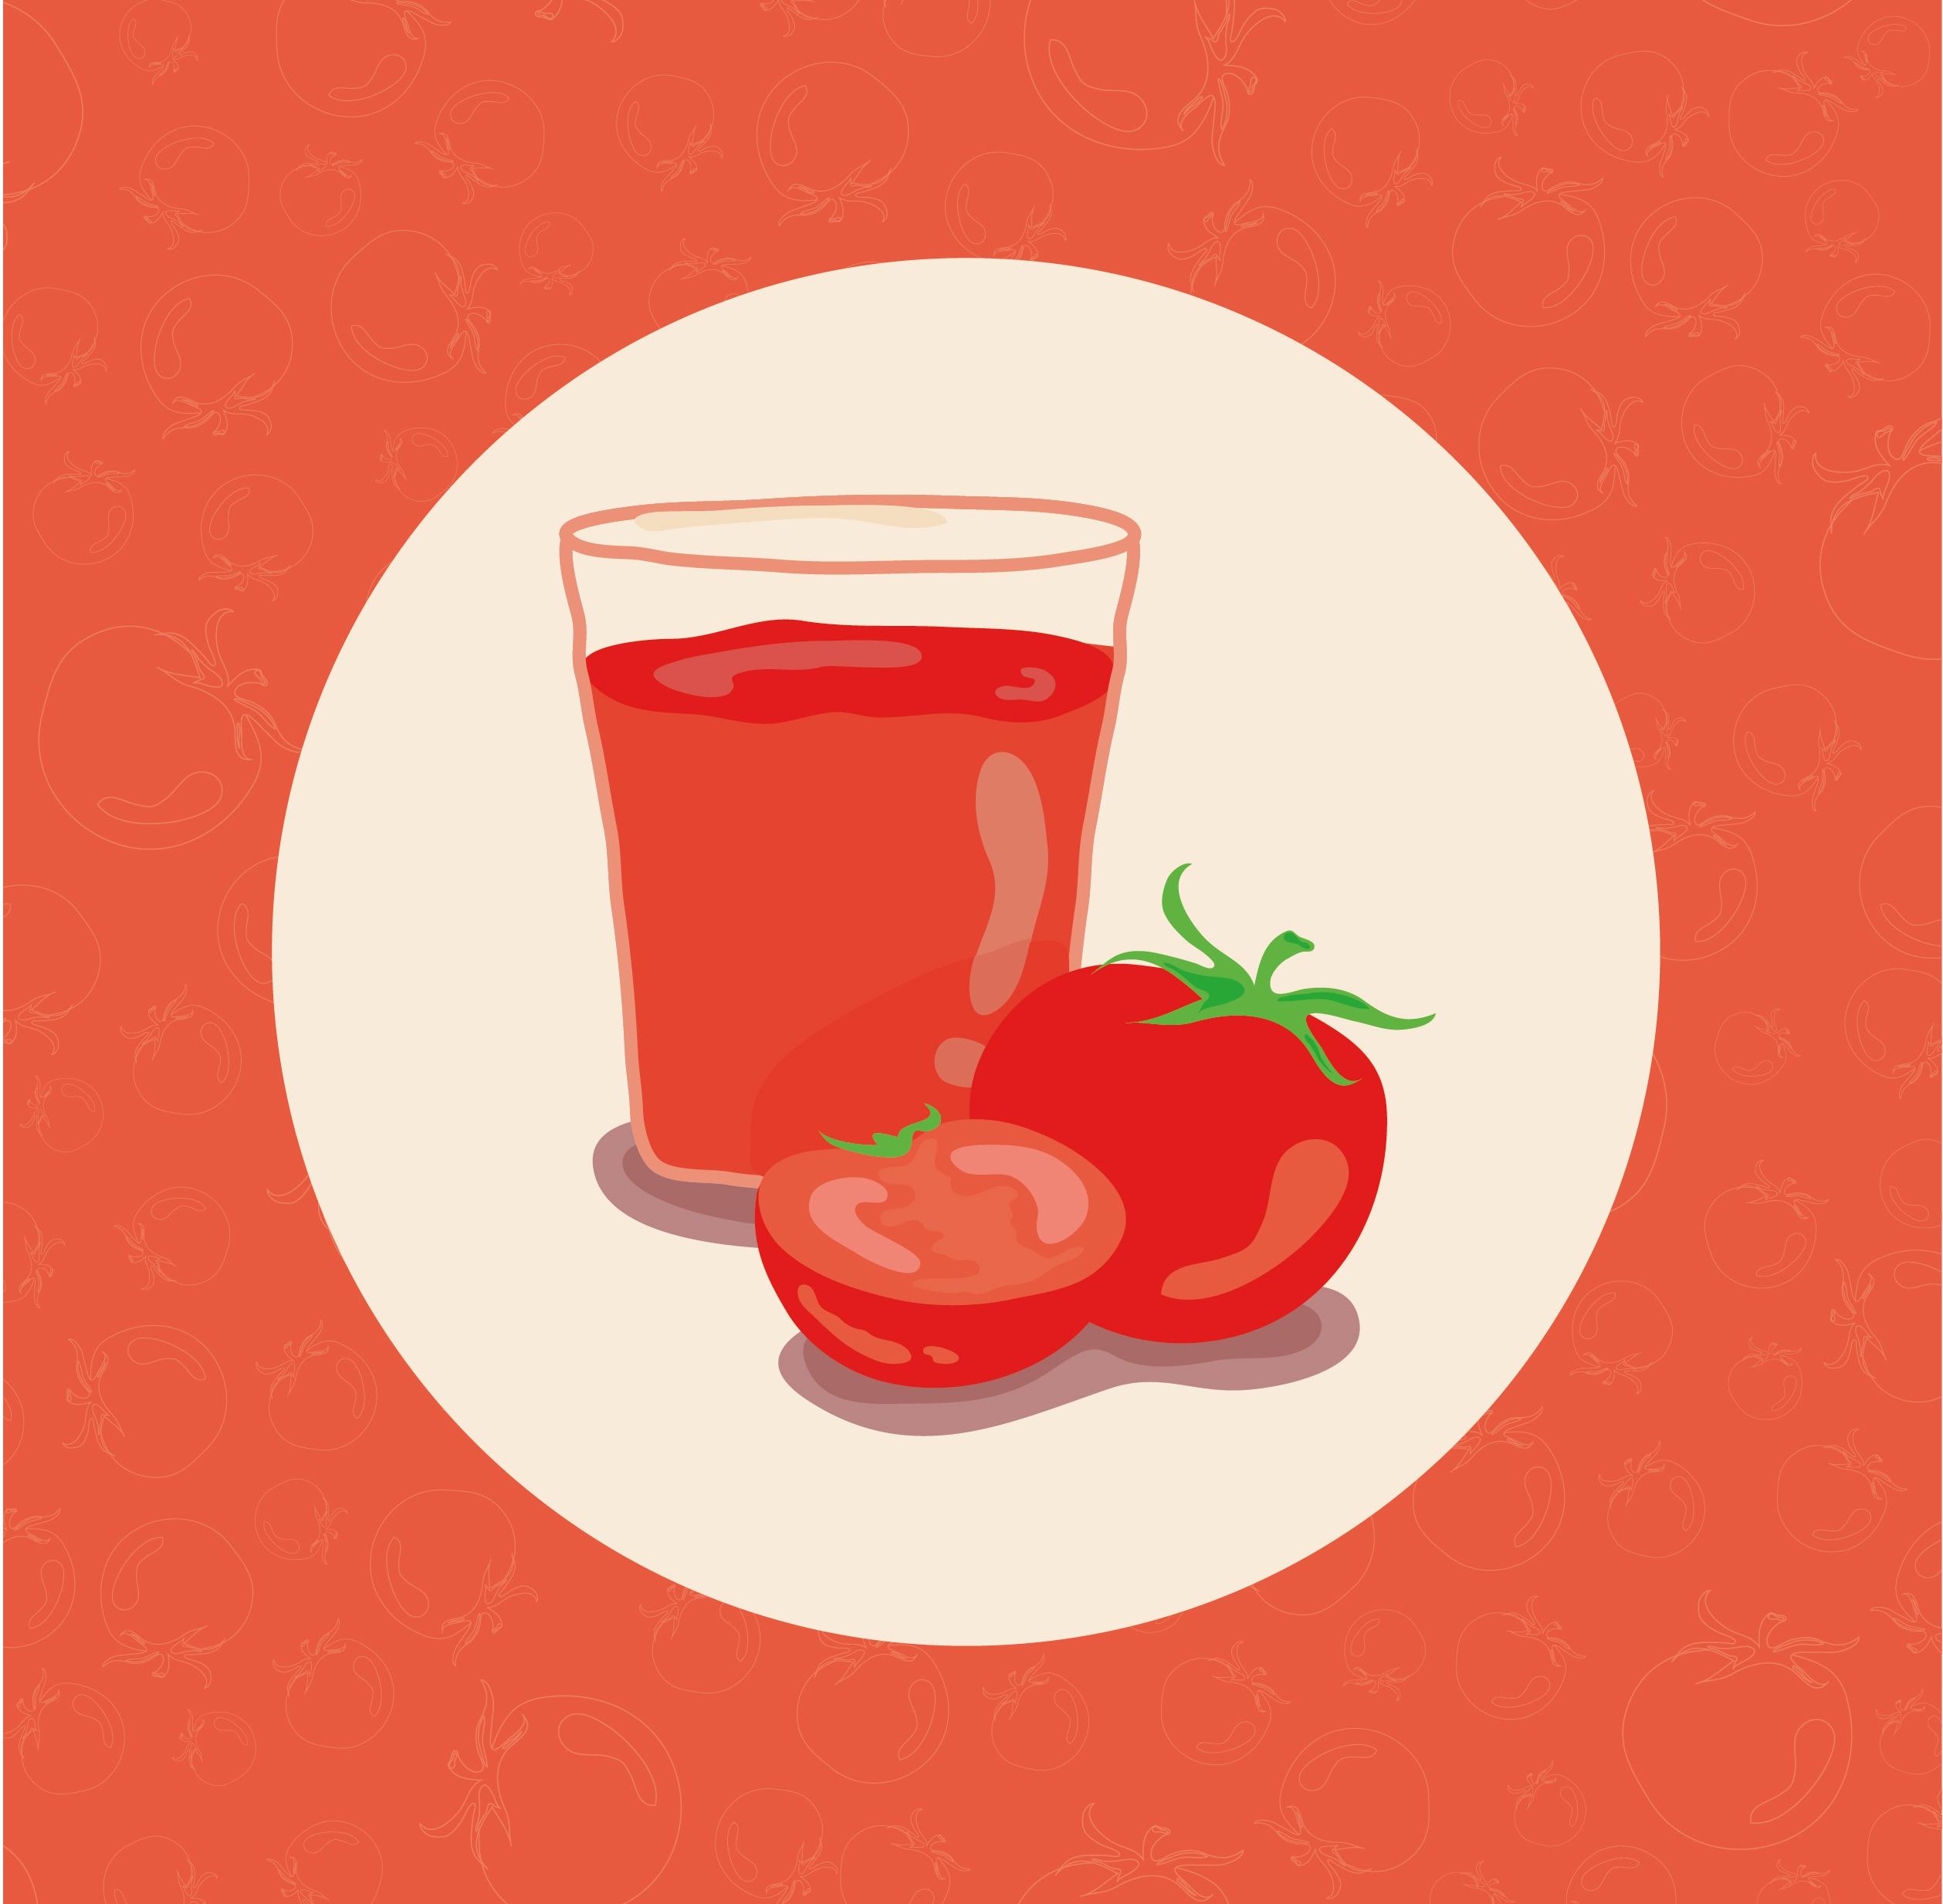 طريقة عمل عصير الطماطم بالصور